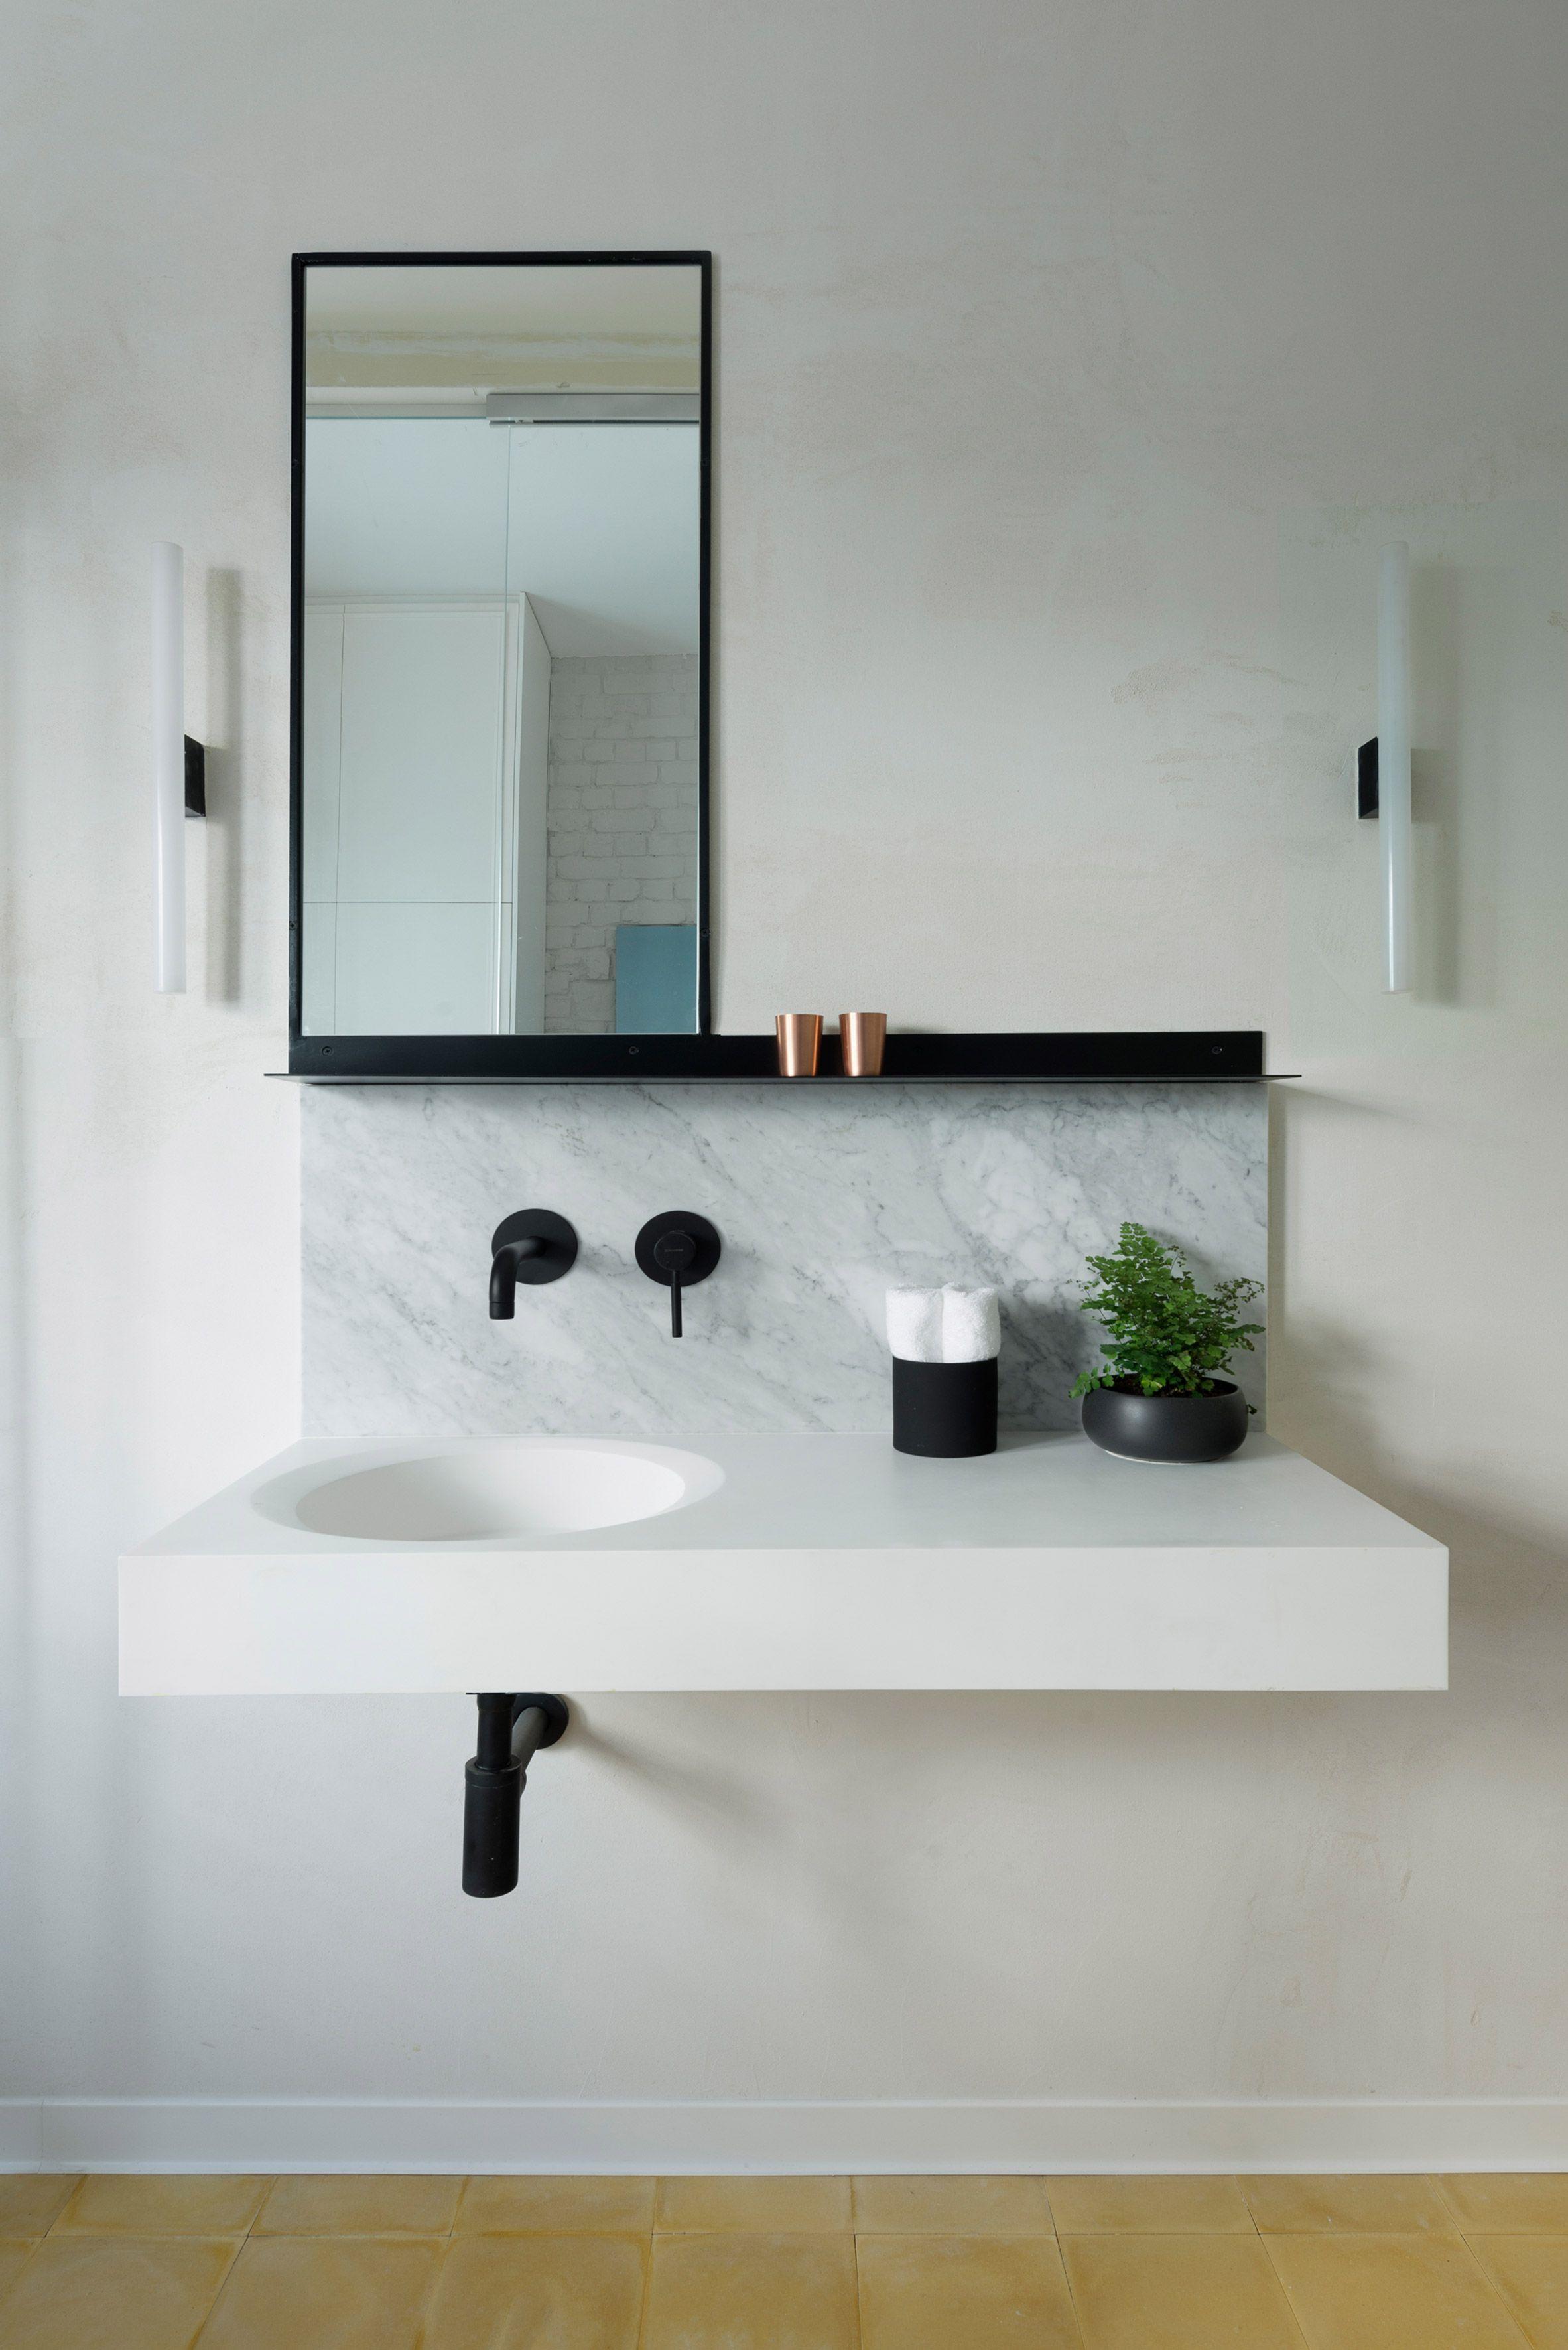 Bauhaus Bad Waschbecken Badezimmer Uk Badezimmer Storage Einheiten Hoch Badezimmer Mobel Bett Badezimmer Innenausstattung Badezimmer Kleine Badezimmer Design